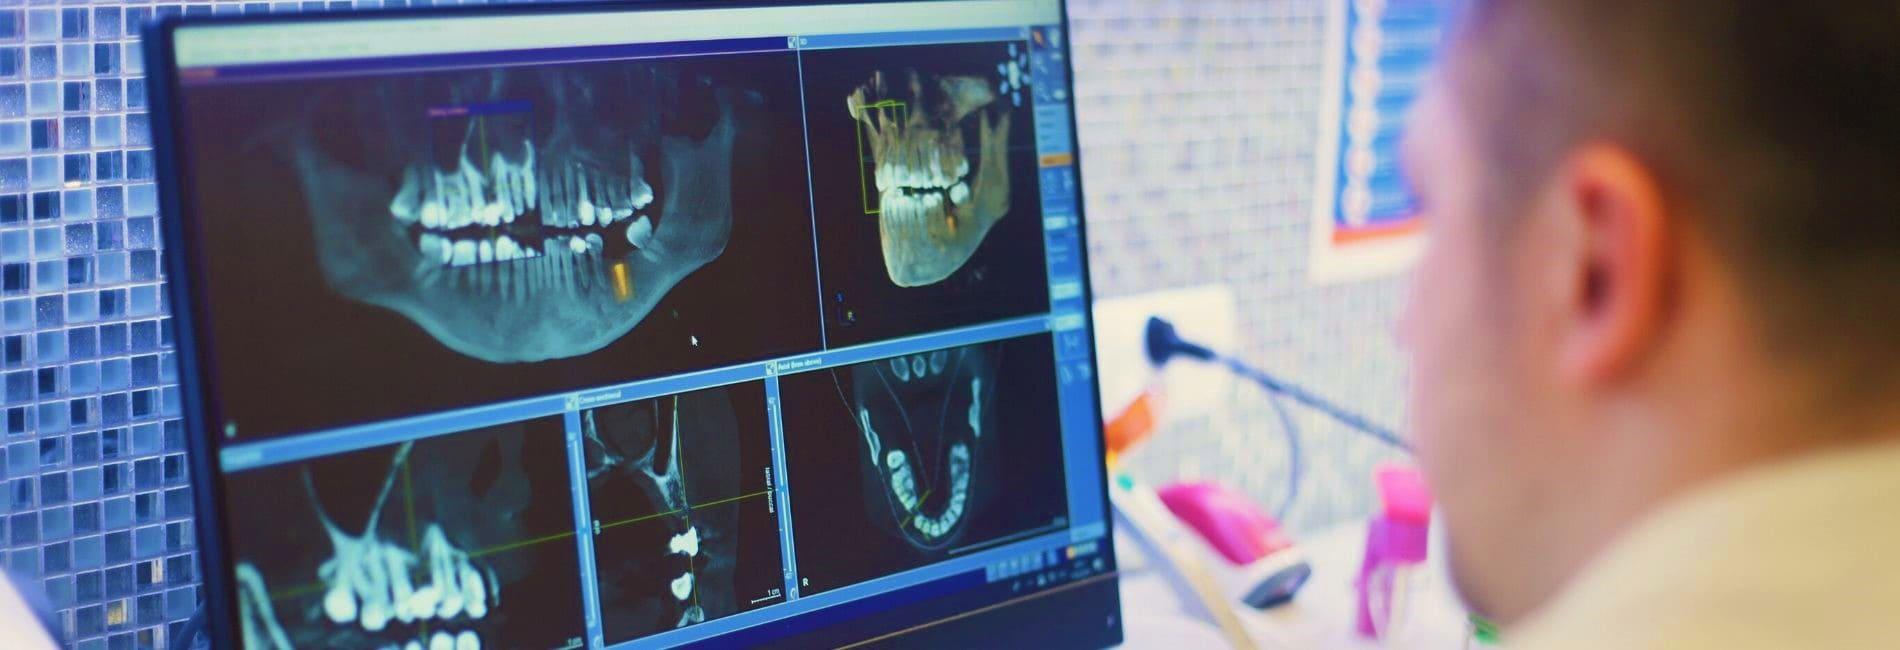 Dental-Clinic-Beste-Spezialisten-bei-Zahnklinik-Polen